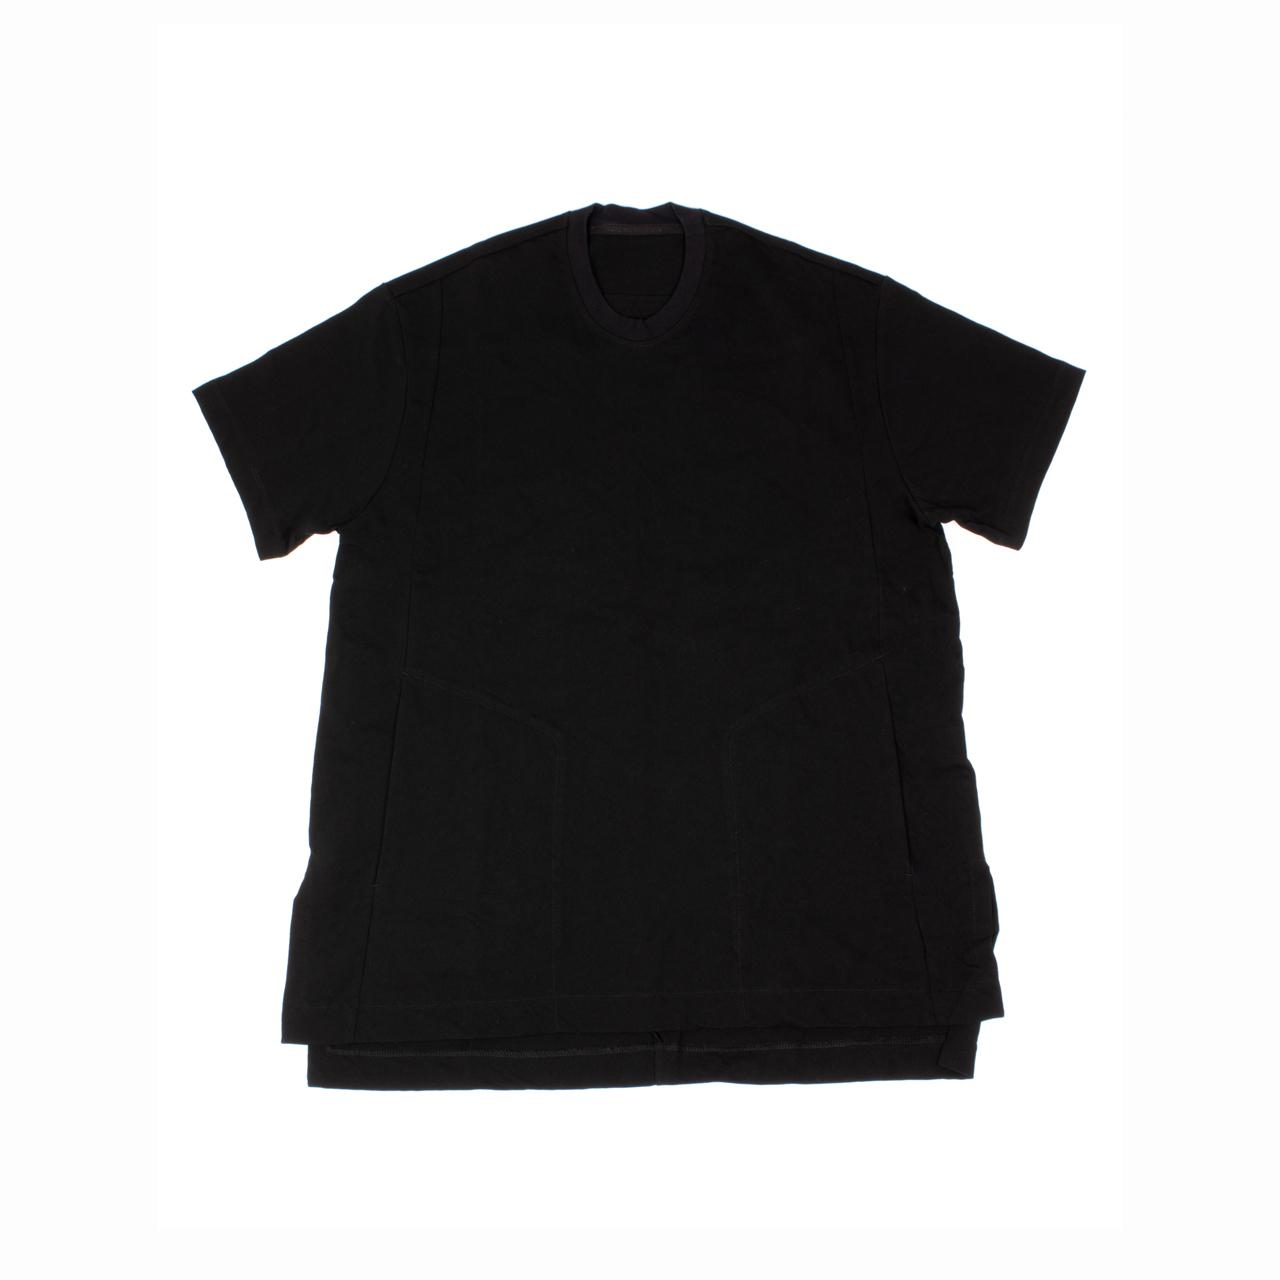 698CUM1-BLACK / オーバーサイズカットソー